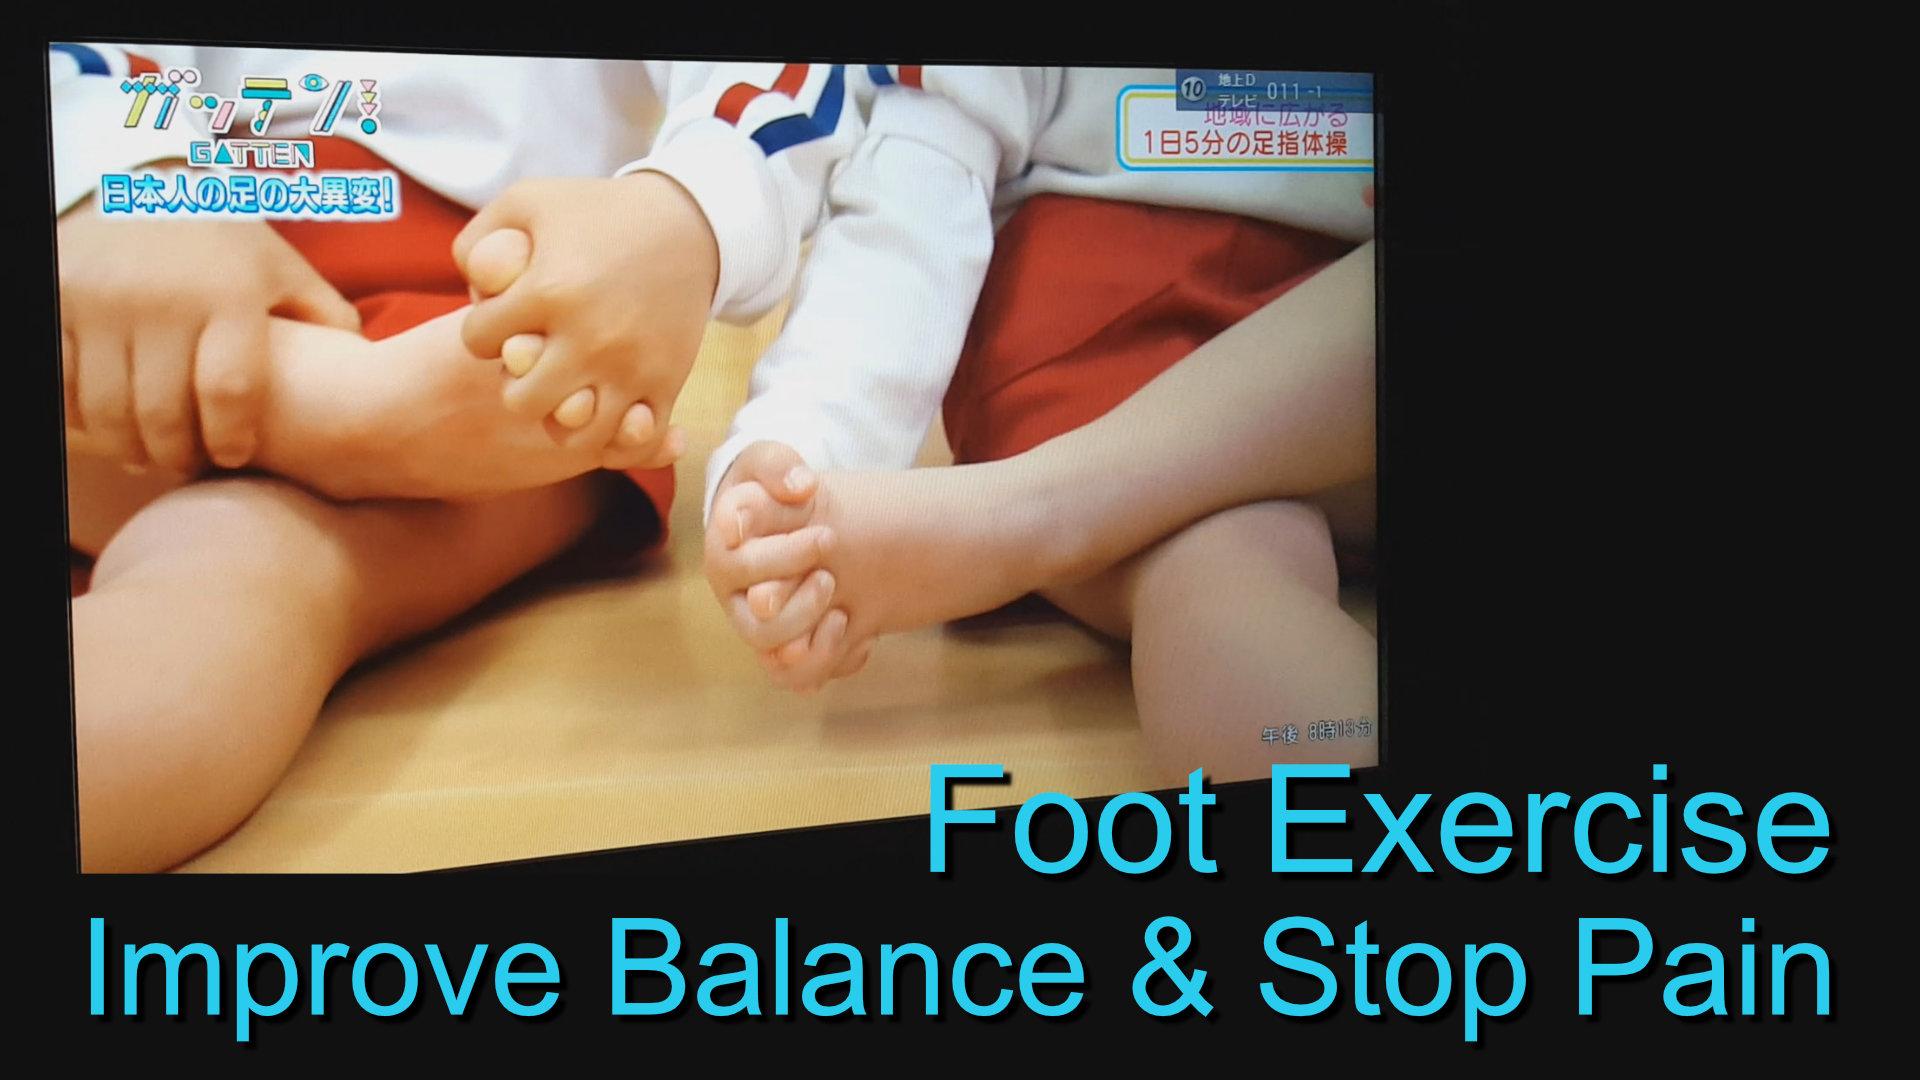 Reflexology foot exercise